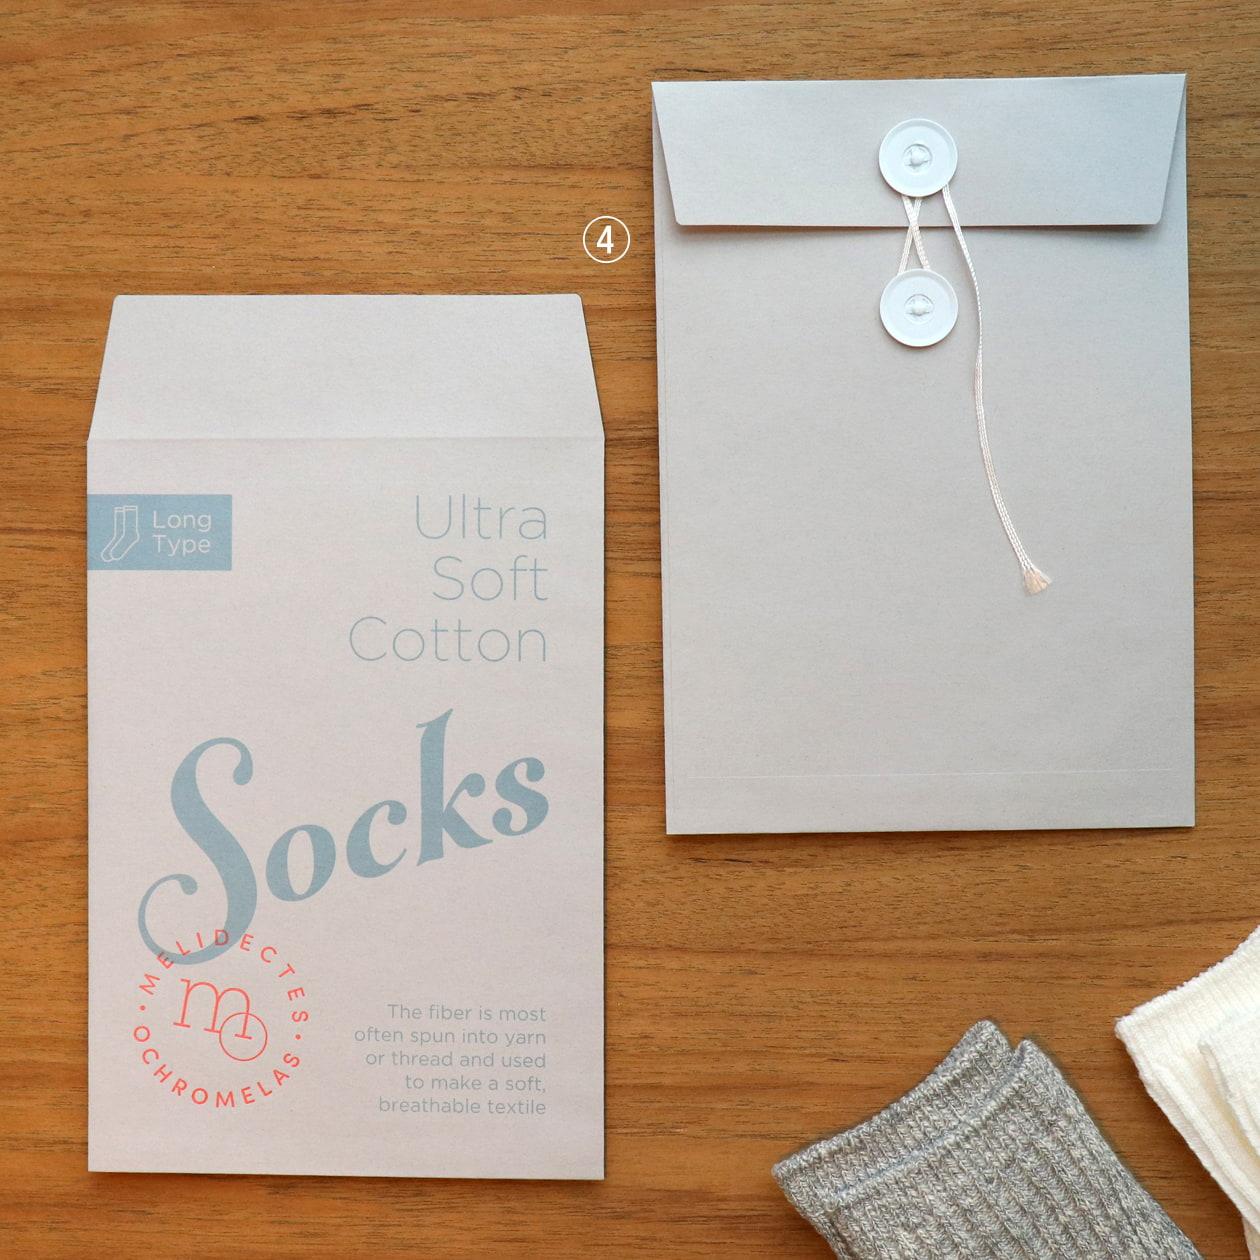 靴下のパッケージ